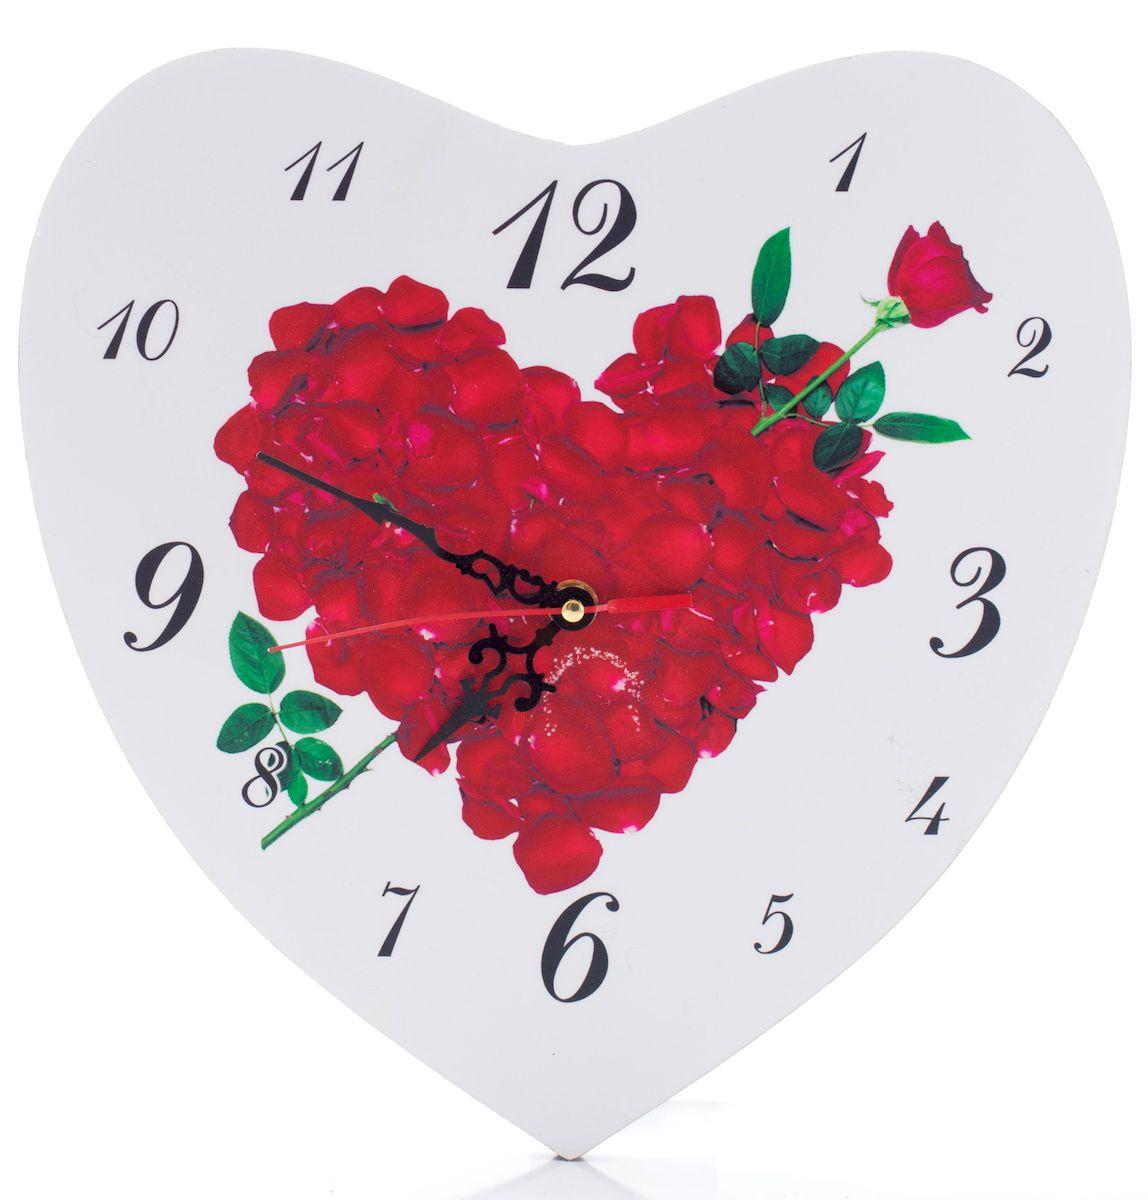 Часы настенные Русские Подарки Сердце, диаметр 30 см. 3824438244Настенные кварцевые часы Русские Подарки Сердце изготовлены из МДФ. Корпус оригинально оформлен в виде сердечка. Часы имеют три стрелки - часовую, минутную и секундную. С обратной стороны имеетсяпетелька для подвешивания на стену. Такие часы красиво и необычно оформят интерьер дома или офиса. Также часы могут стать уникальным, полезным подарком для родственников, коллег, знакомых и близких.Часы работают от батареек типа АА (в комплект не входят).